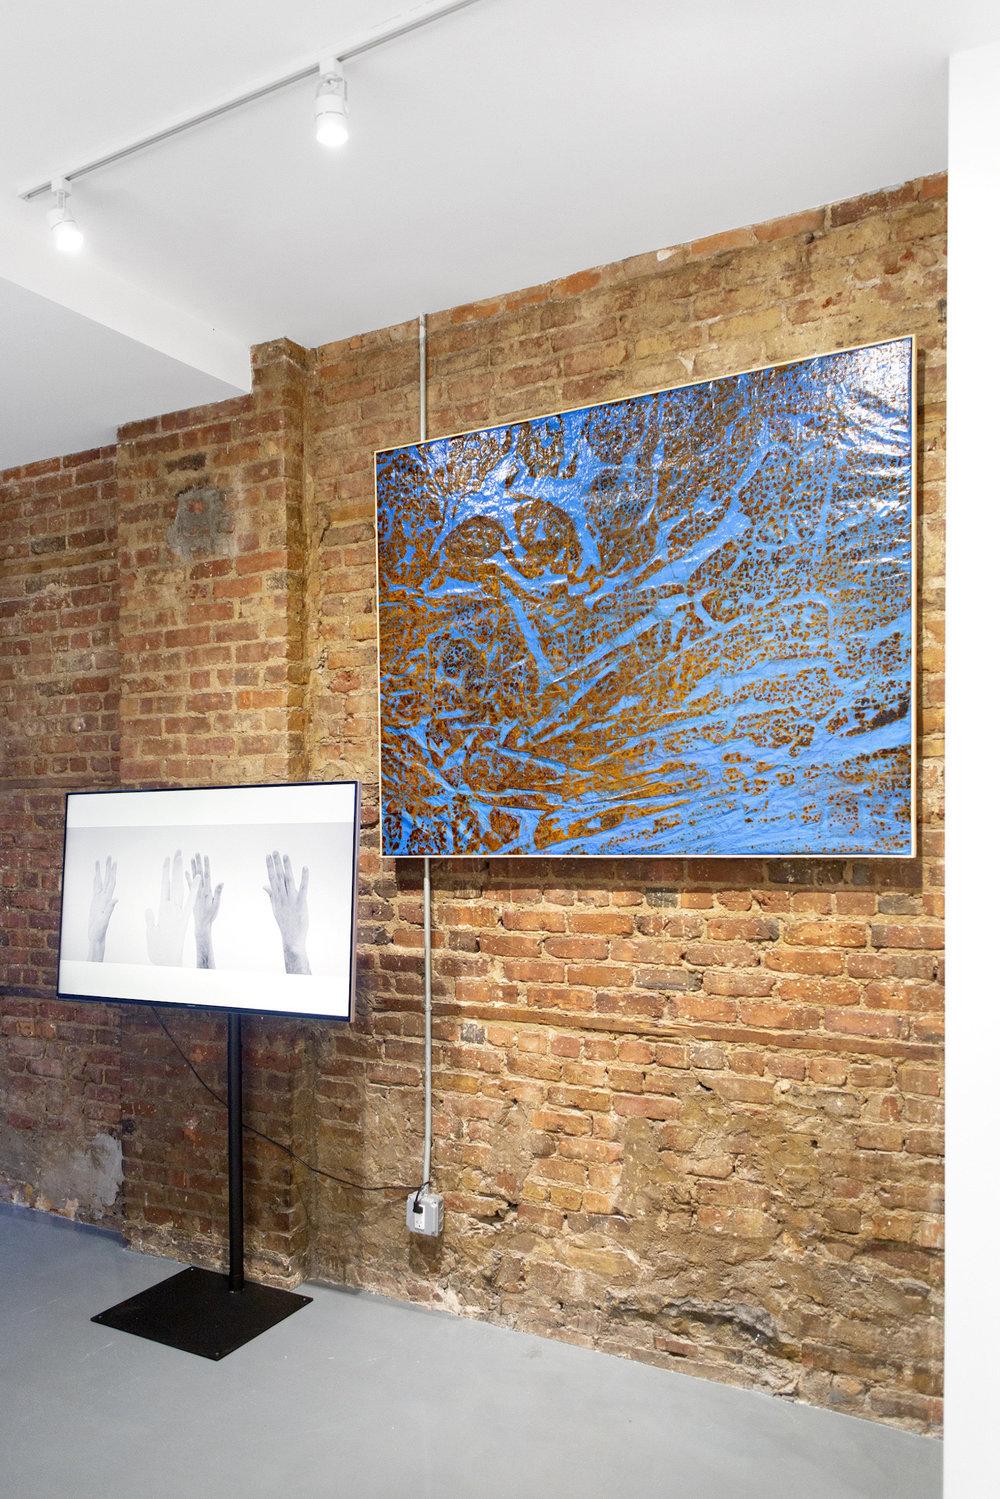 Installation View, Tony Orrico, Aaron Kary, 2018